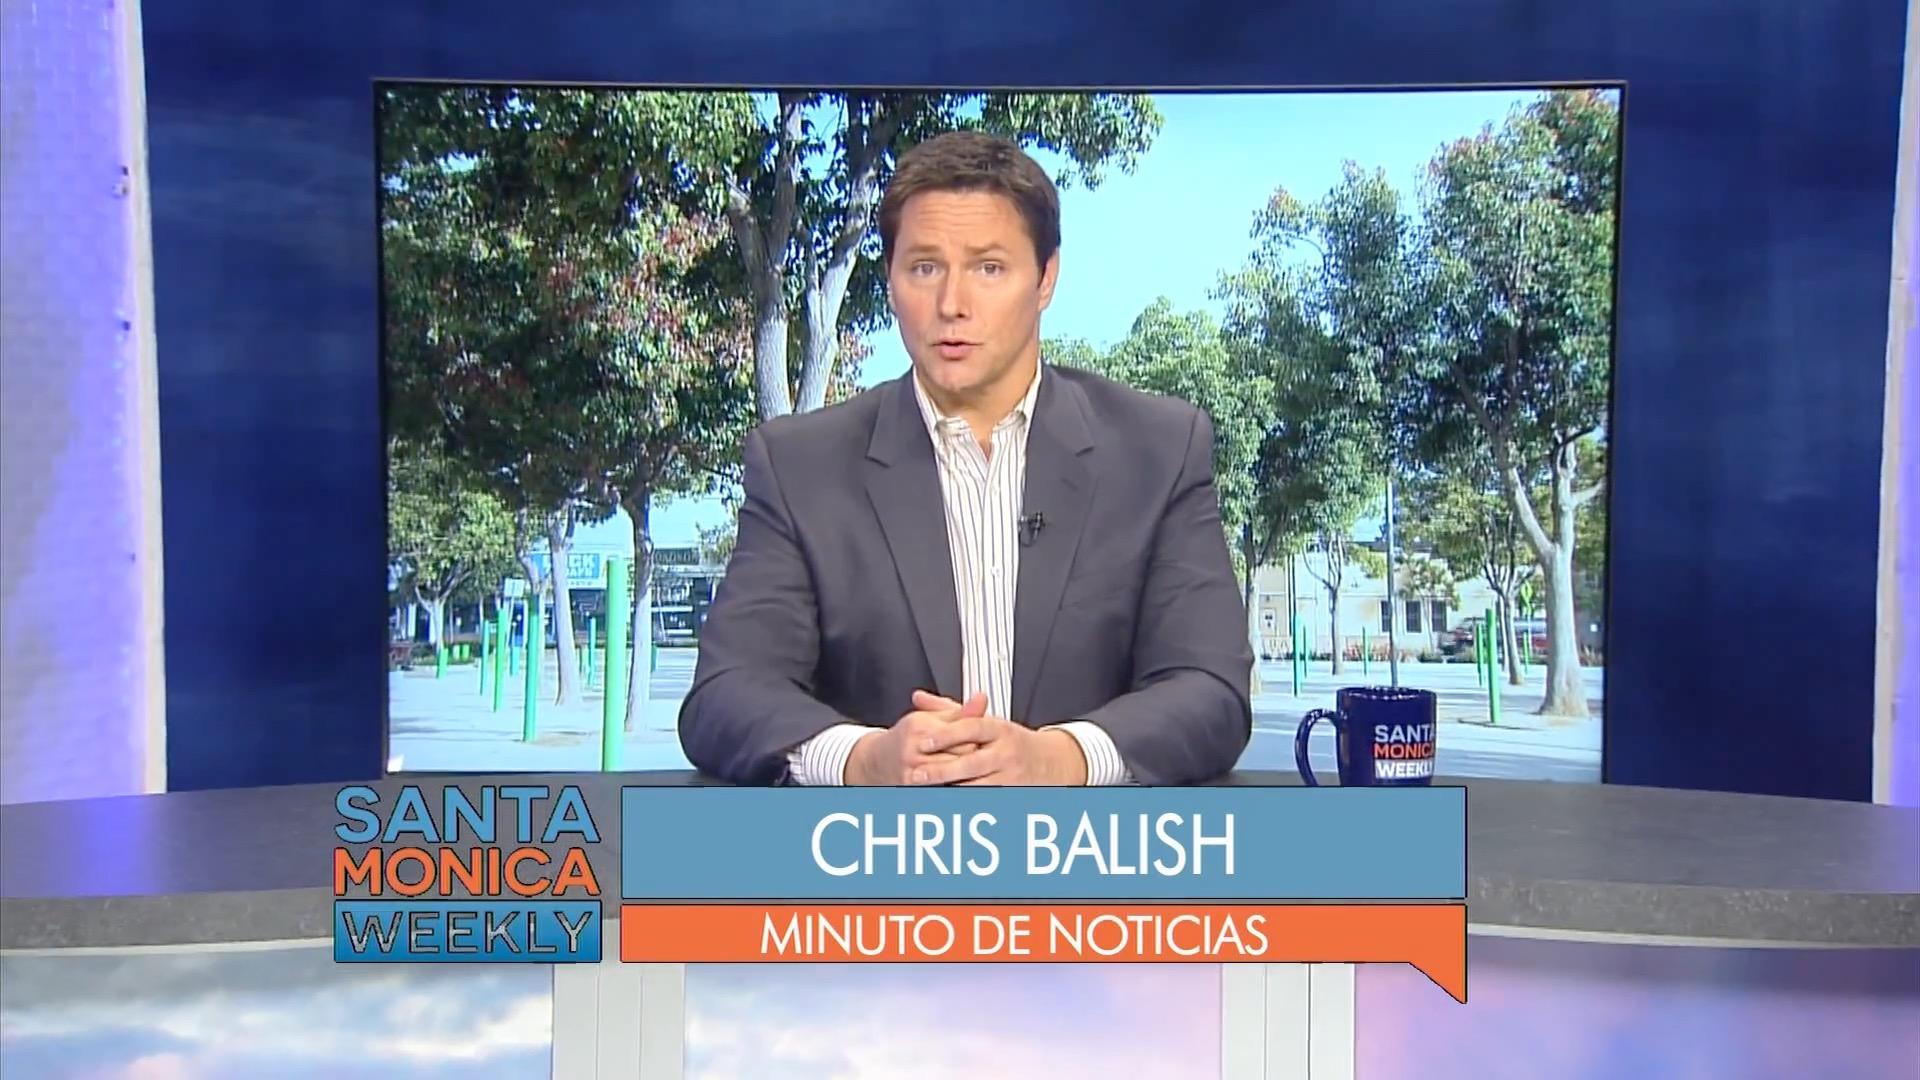 Chris solo anchor minuto de noticias